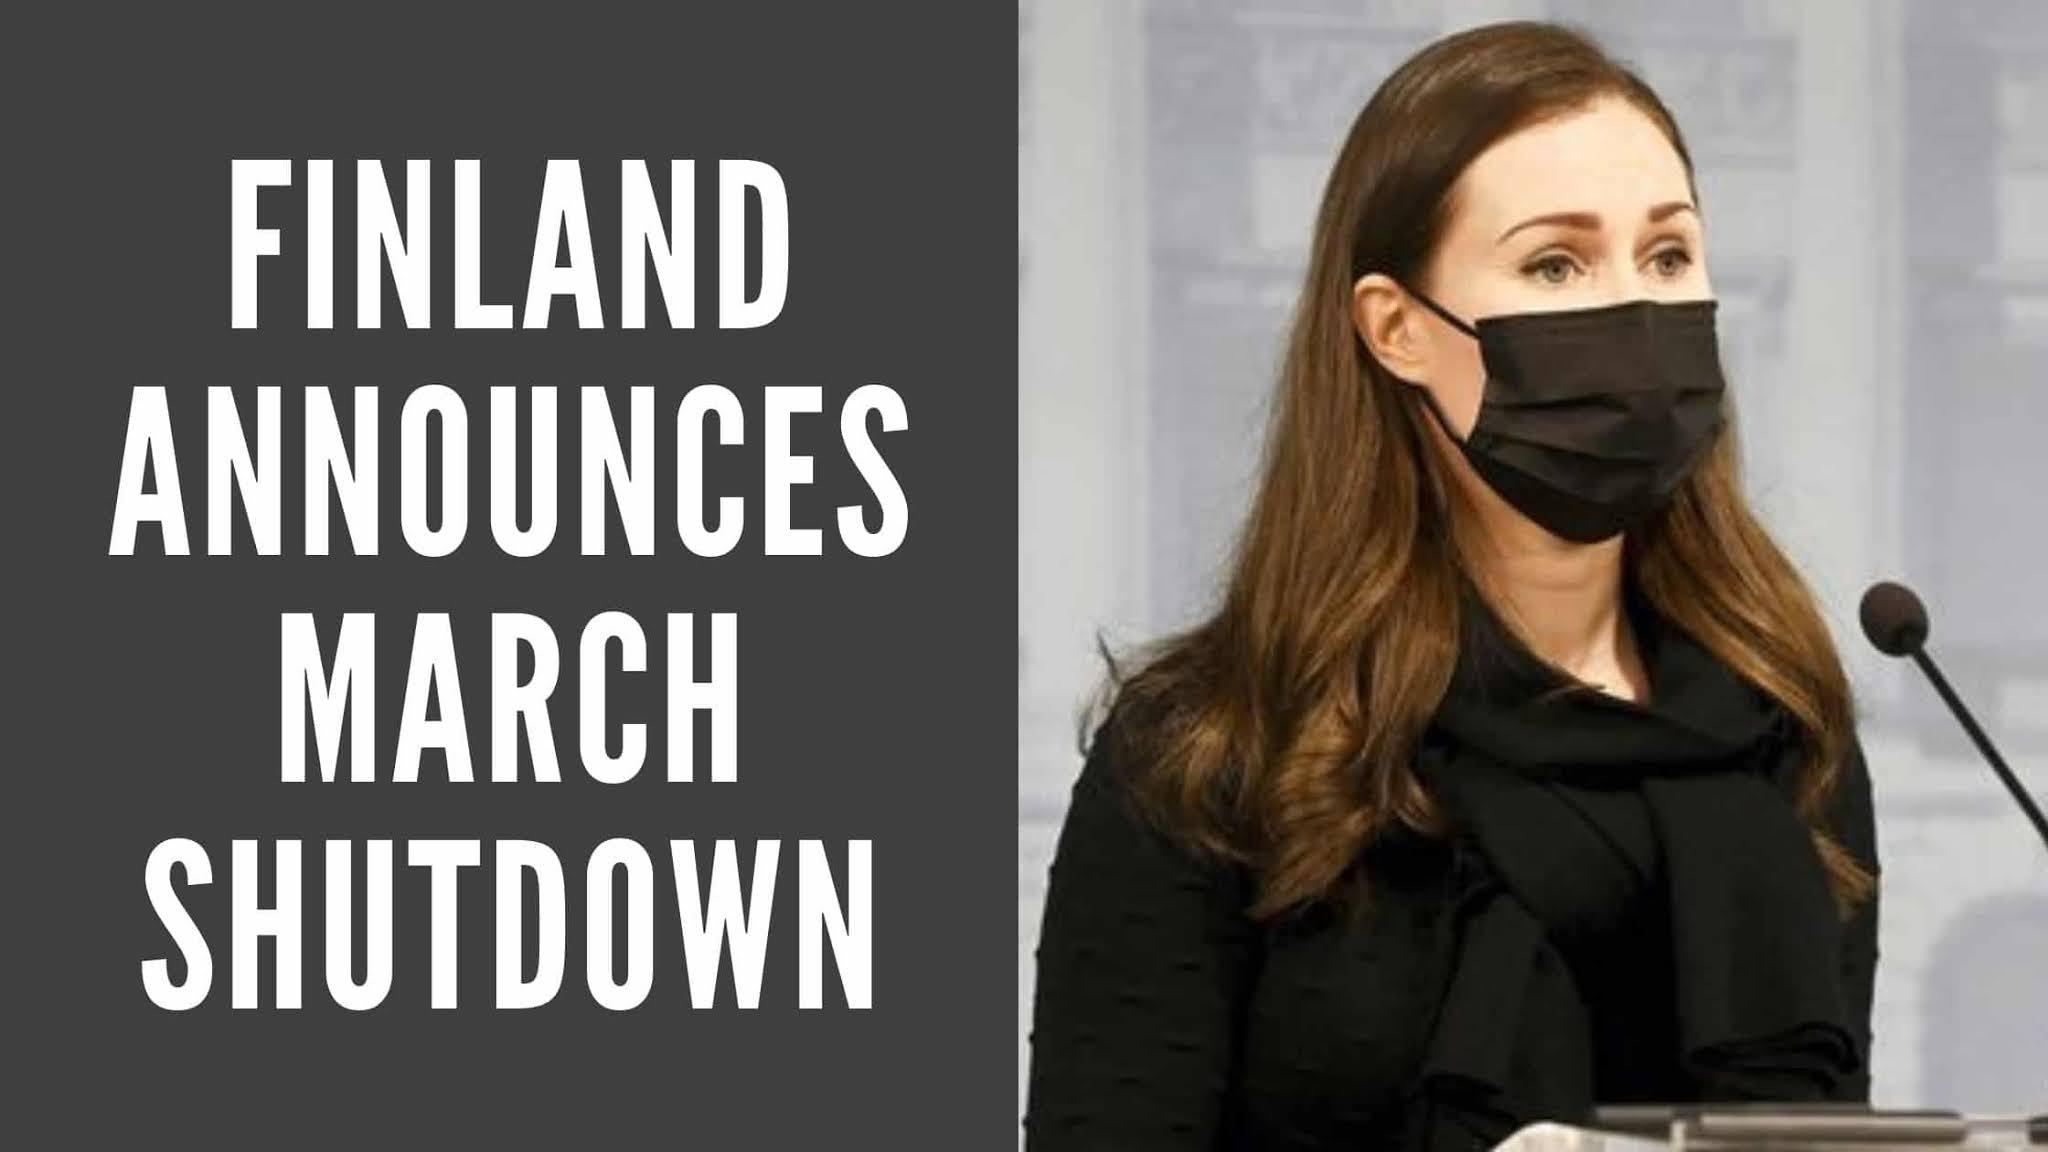 Finland Announces March Shutdown